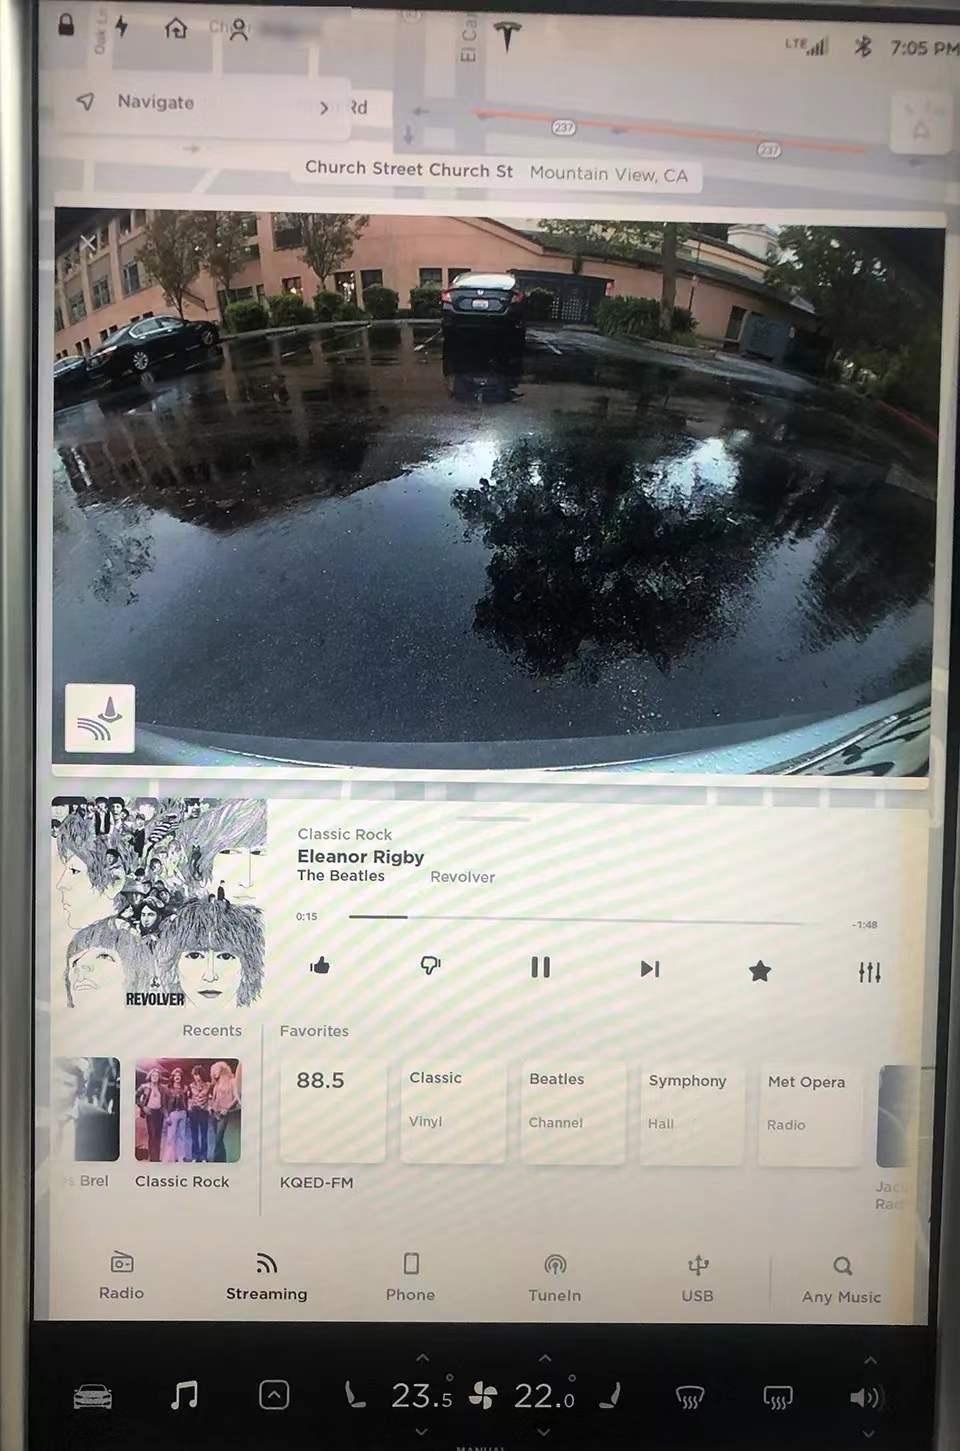 特斯拉Model S 触屏UI:人机交互界面